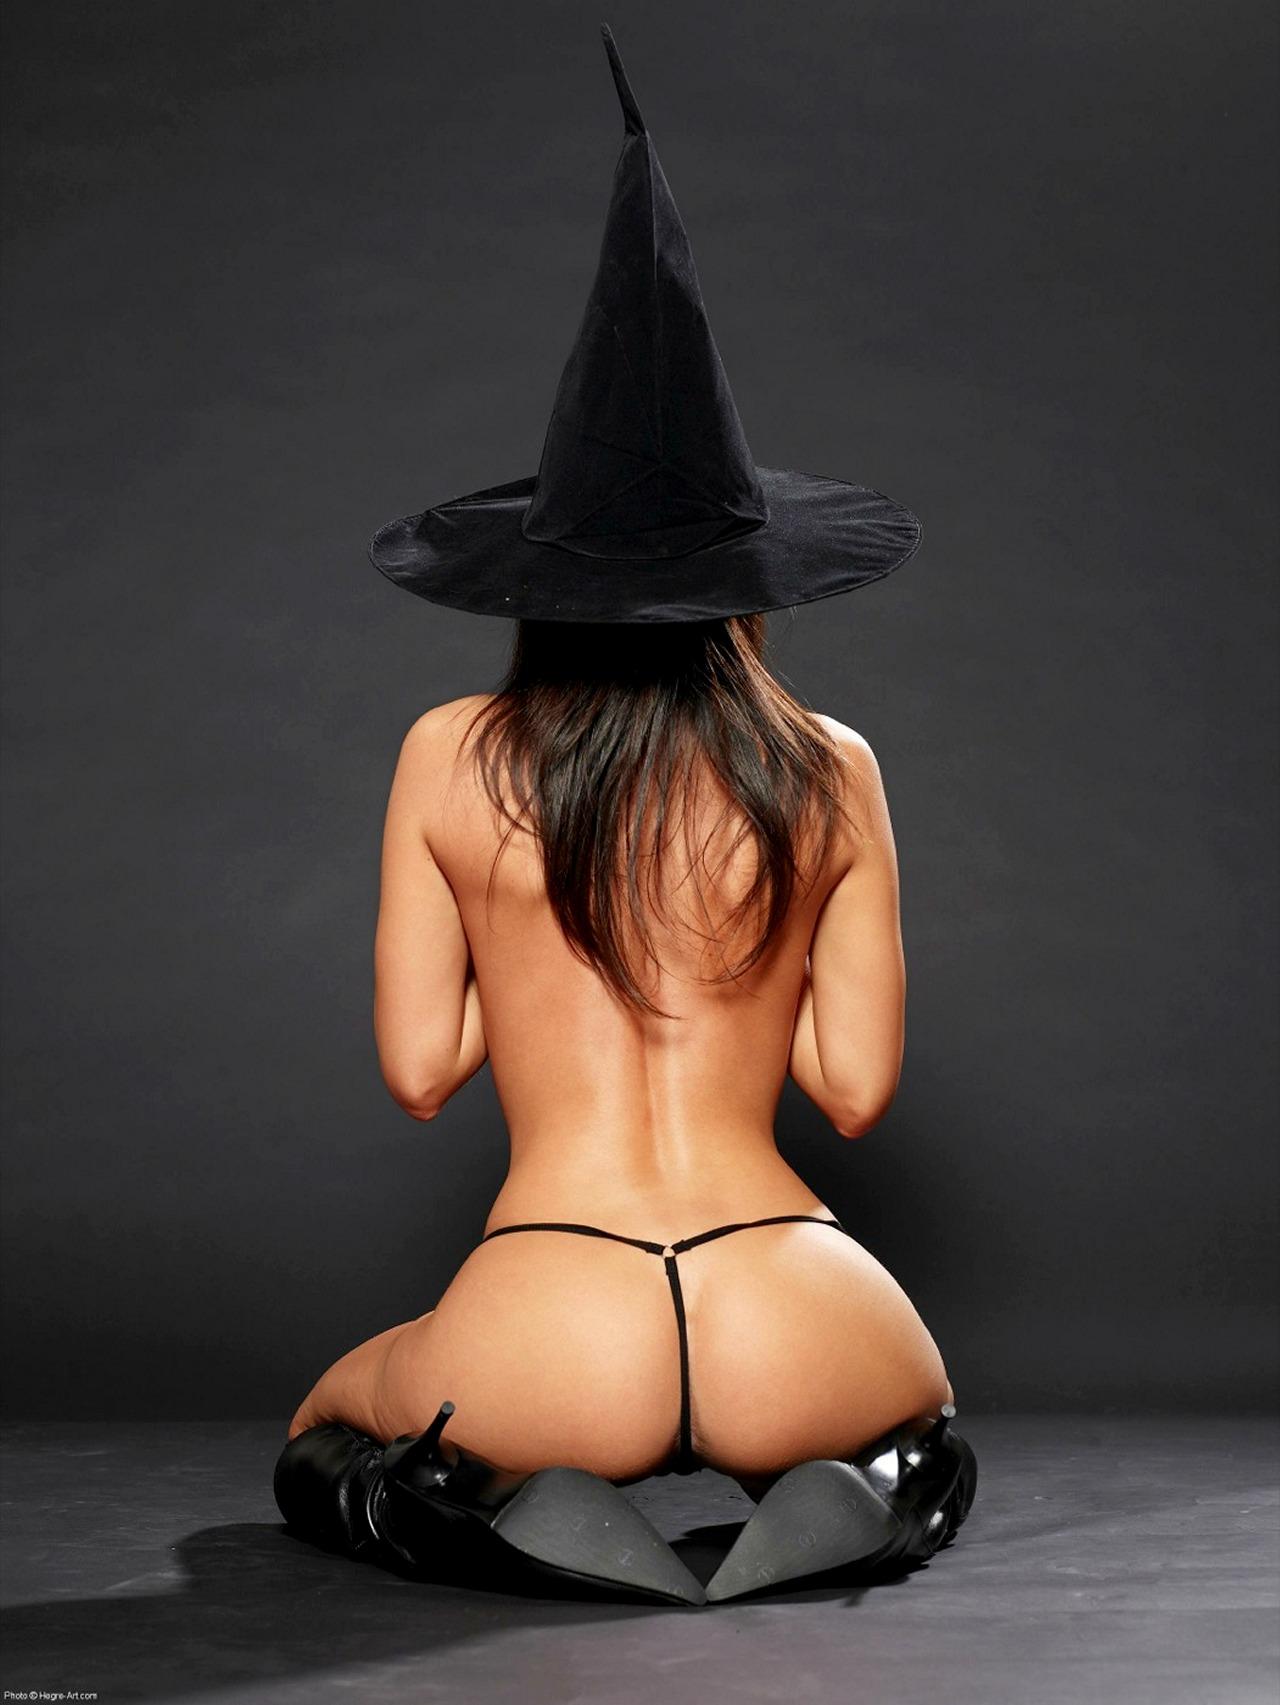 Фото голая ведьма бесплатно 13 фотография